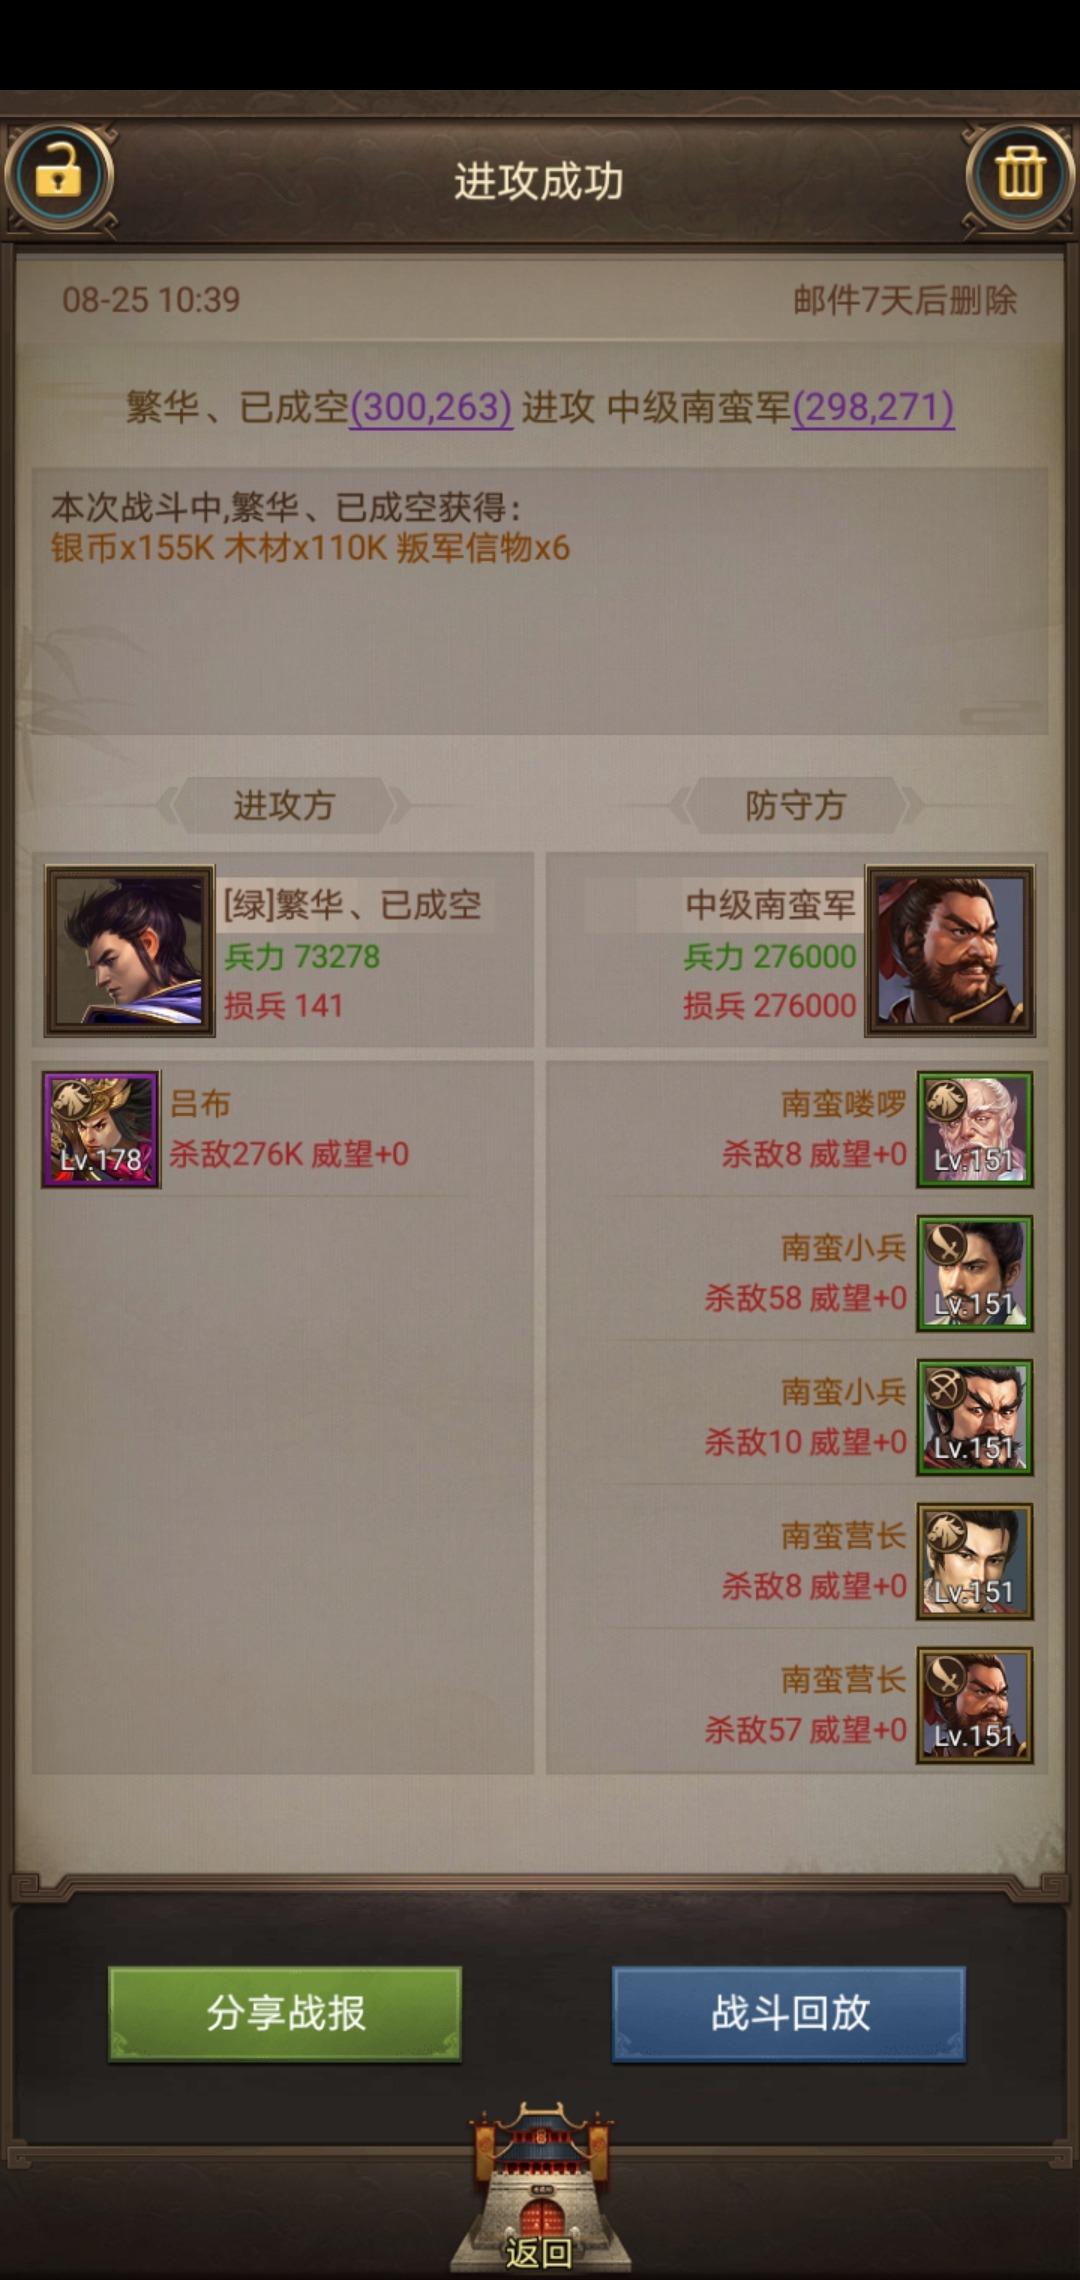 Screenshot_20200825_103943_juedi.tatuyin.rxsg.huawei.jpg